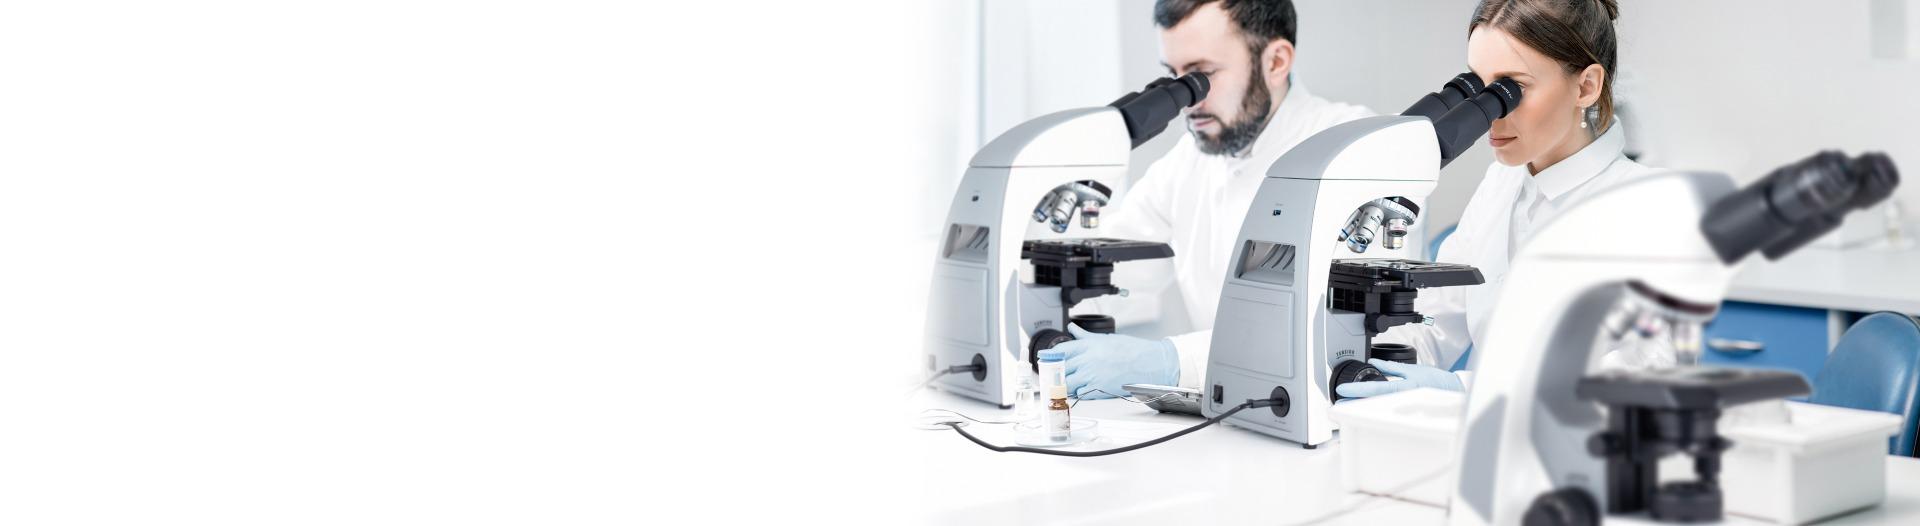 New Panthera C2 microscopes